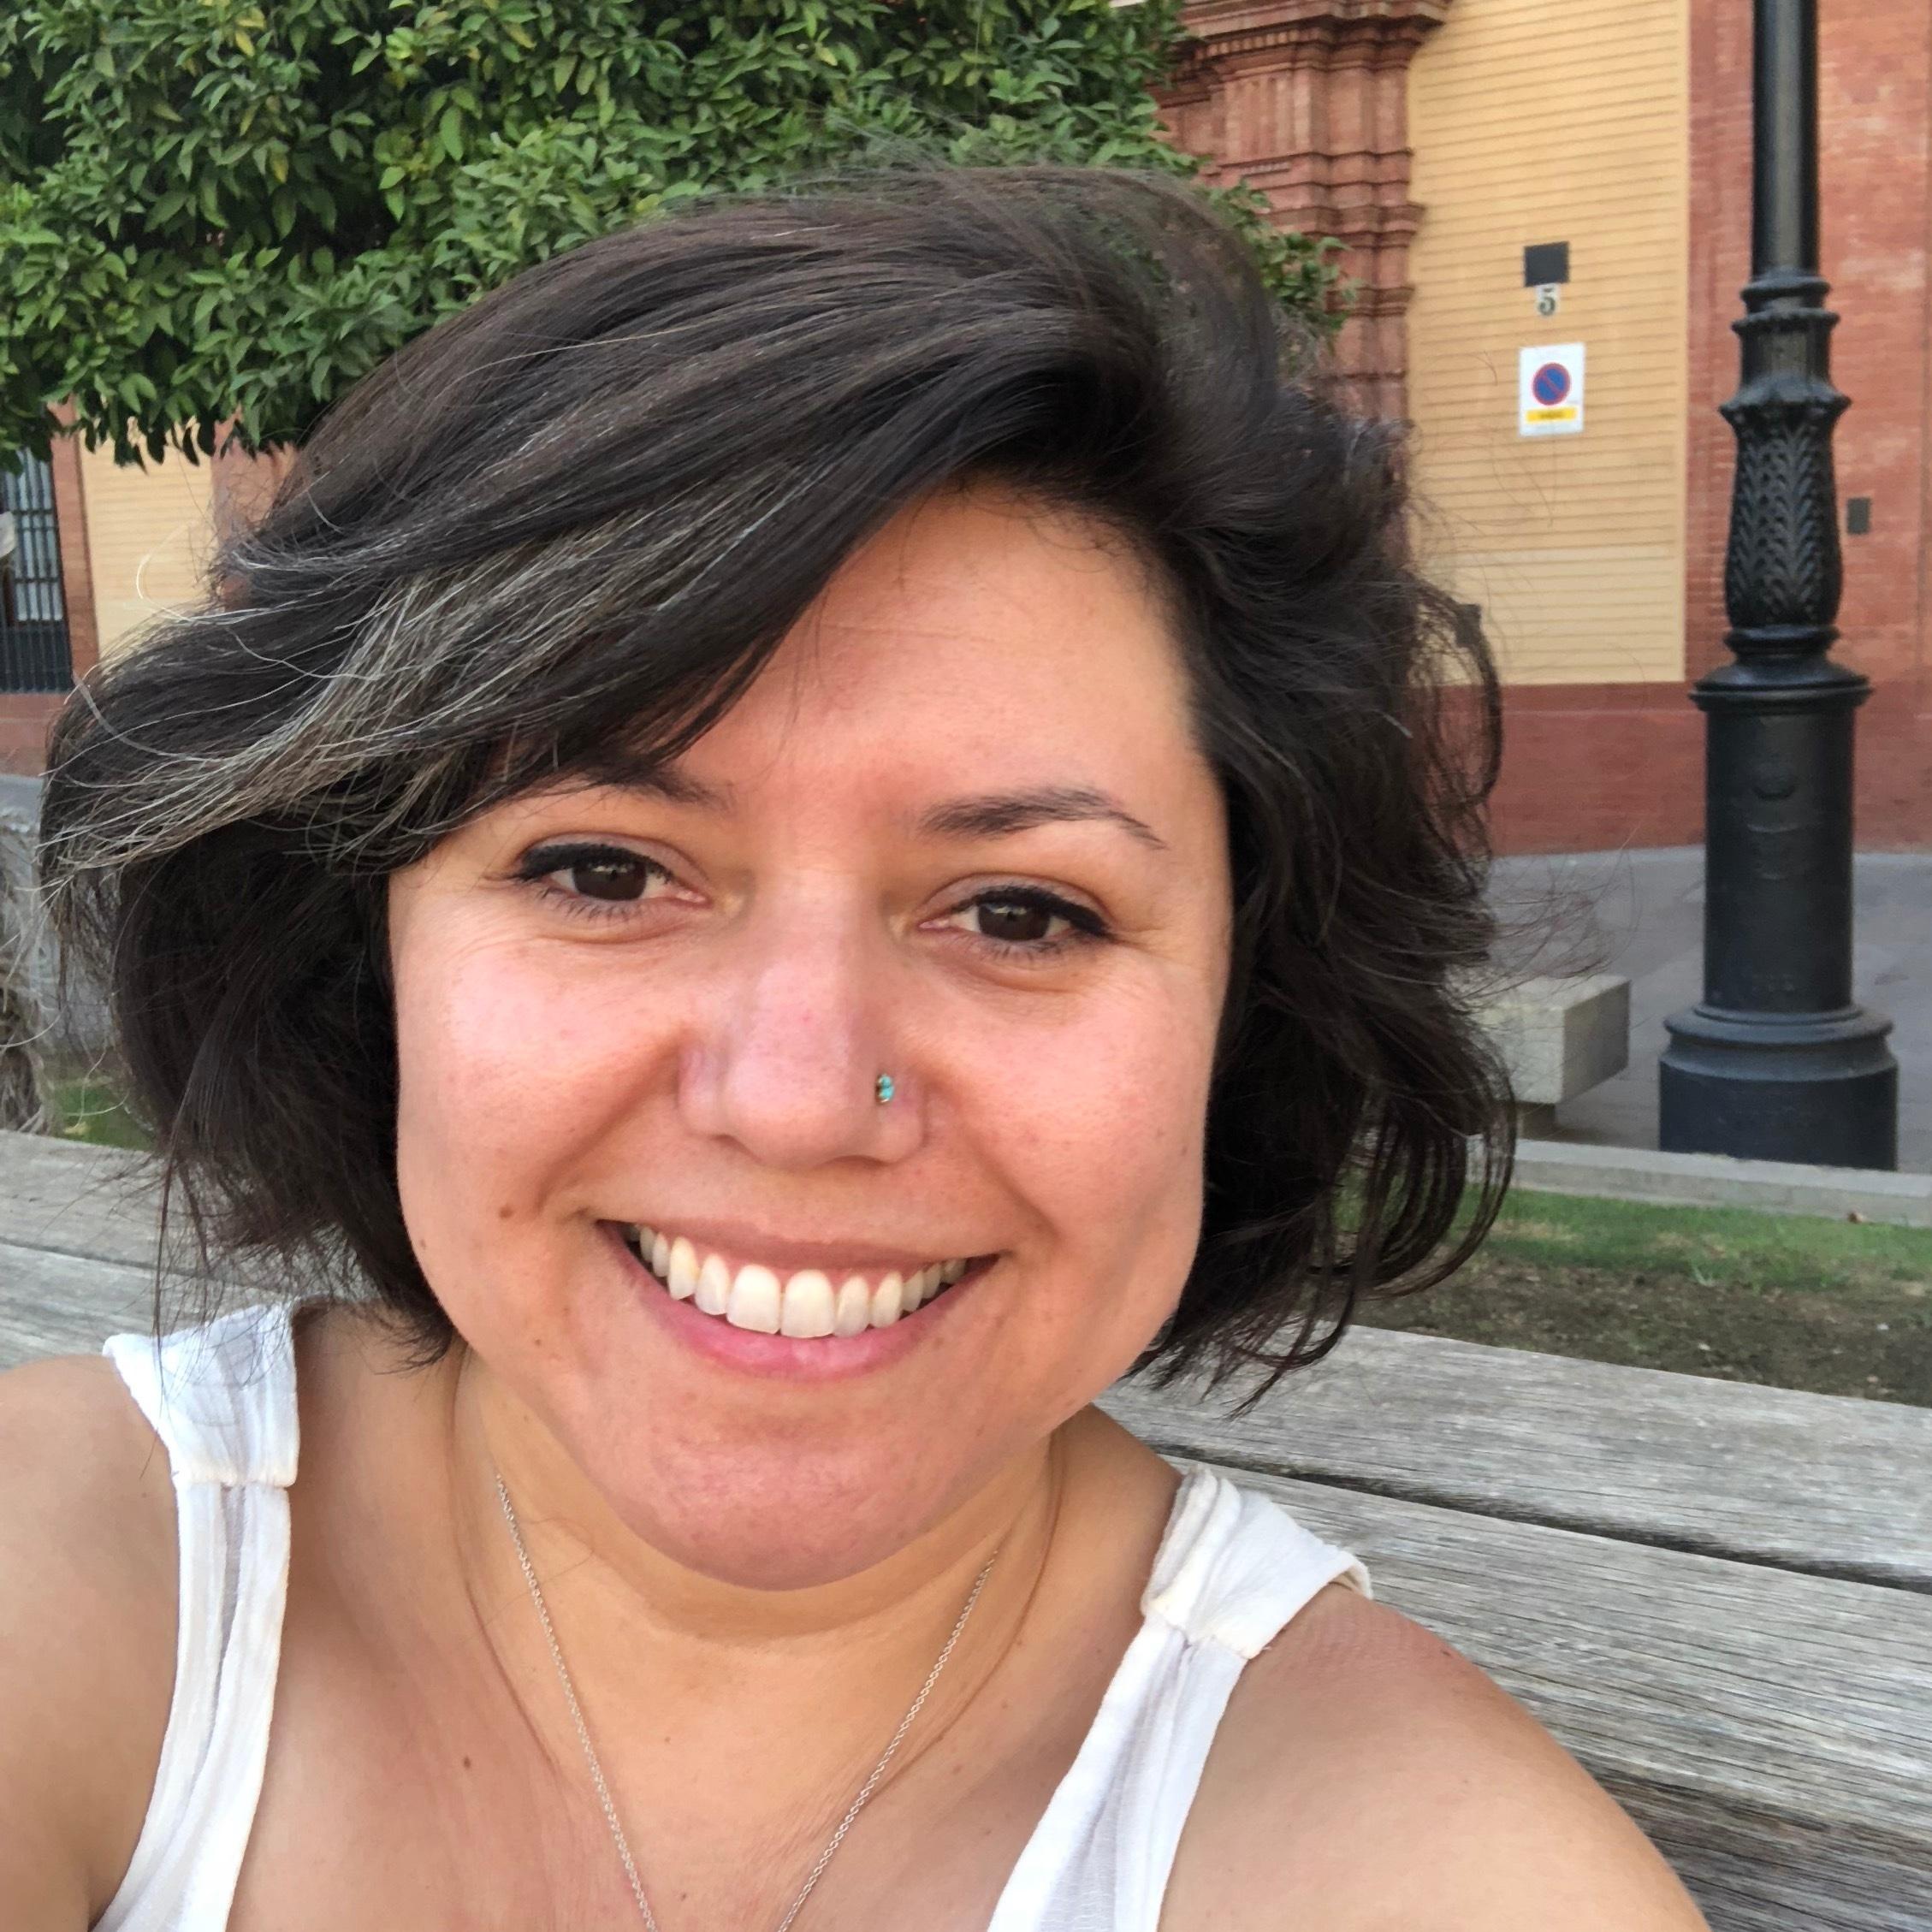 Maritza Valenzuela